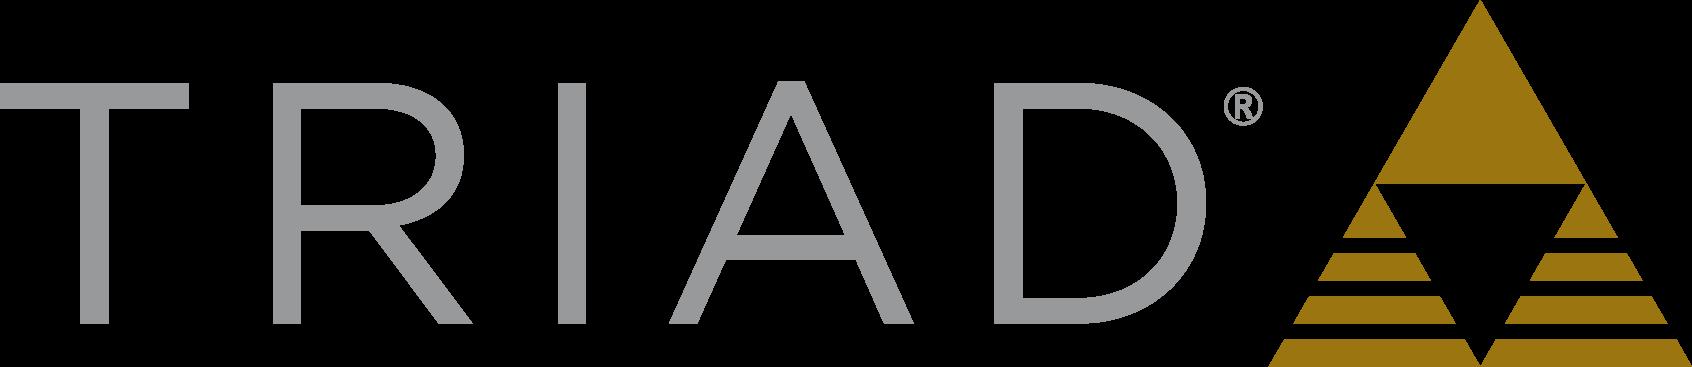 Triad - správa audia vo vašej inteligentnej domácnosti od INTELIDOM.sk